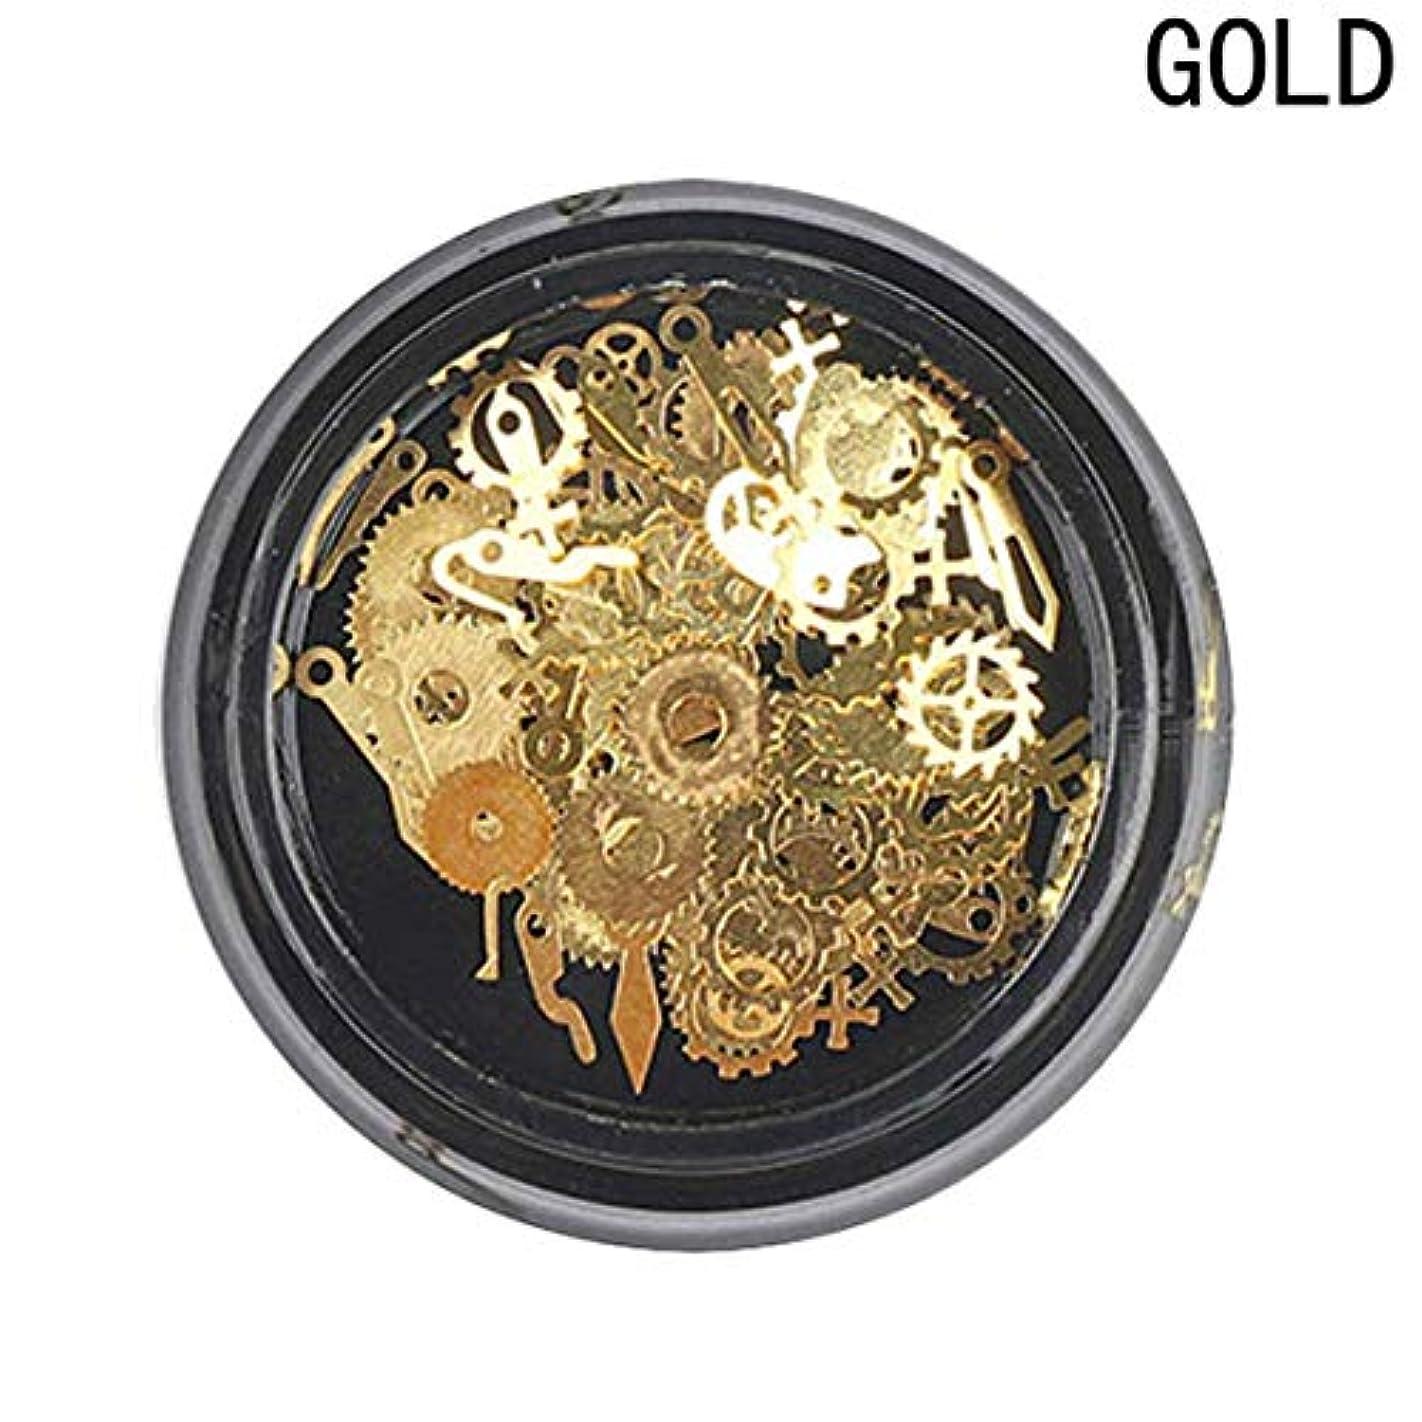 何か硬化するあいさつYoshilimen 新しいスタイルファッションユニークな合金蒸気パンクギアネイルアート装飾金属スタイルの創造的な女性の爪DIYアクセサリー1ボックス(None golden)